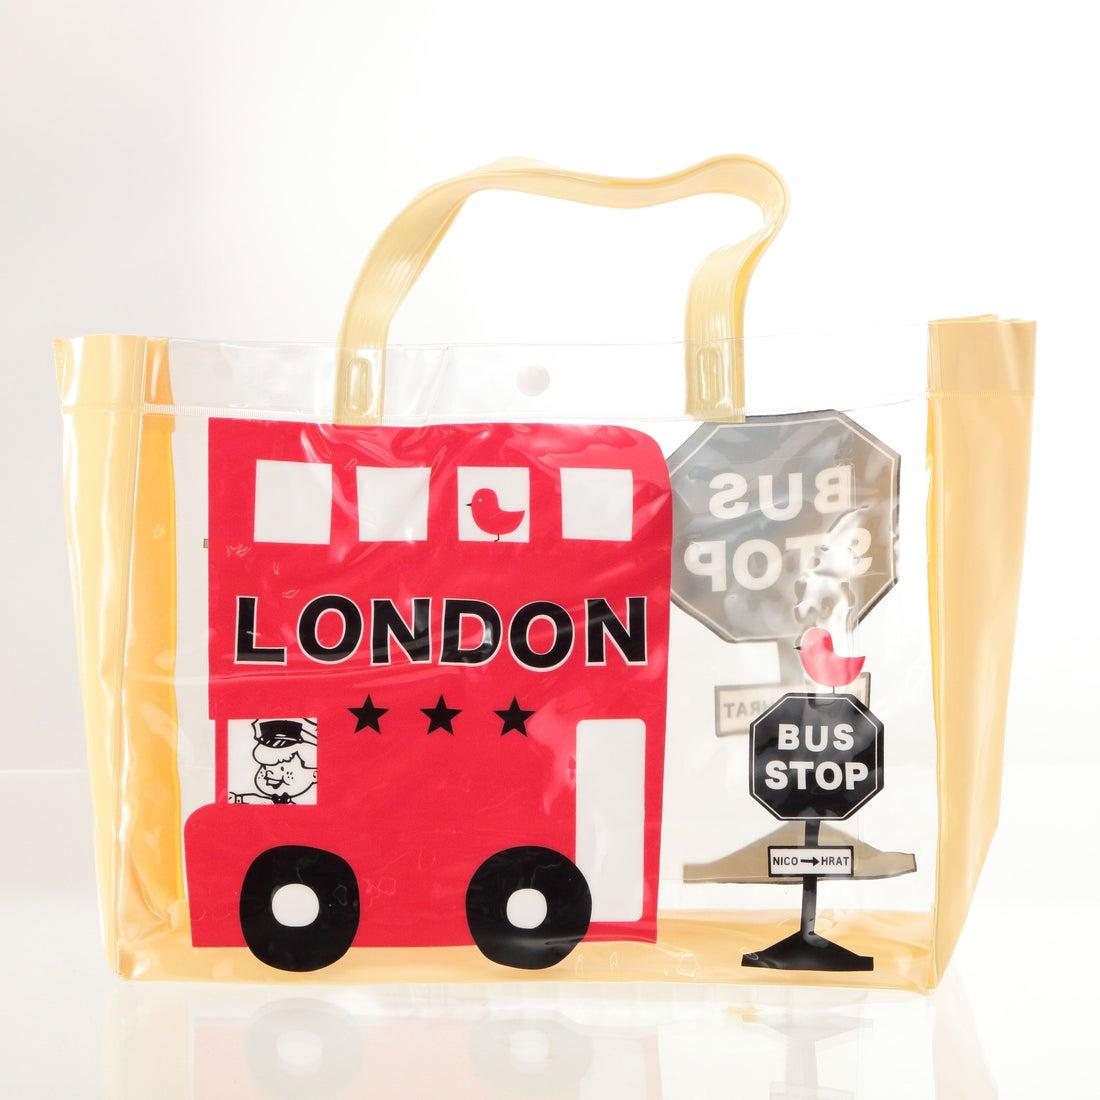 ノーブランド No Brand ニコフラート nico hrat ロンドンバス ビーチバッグ (NO298007.ロンドンバス)